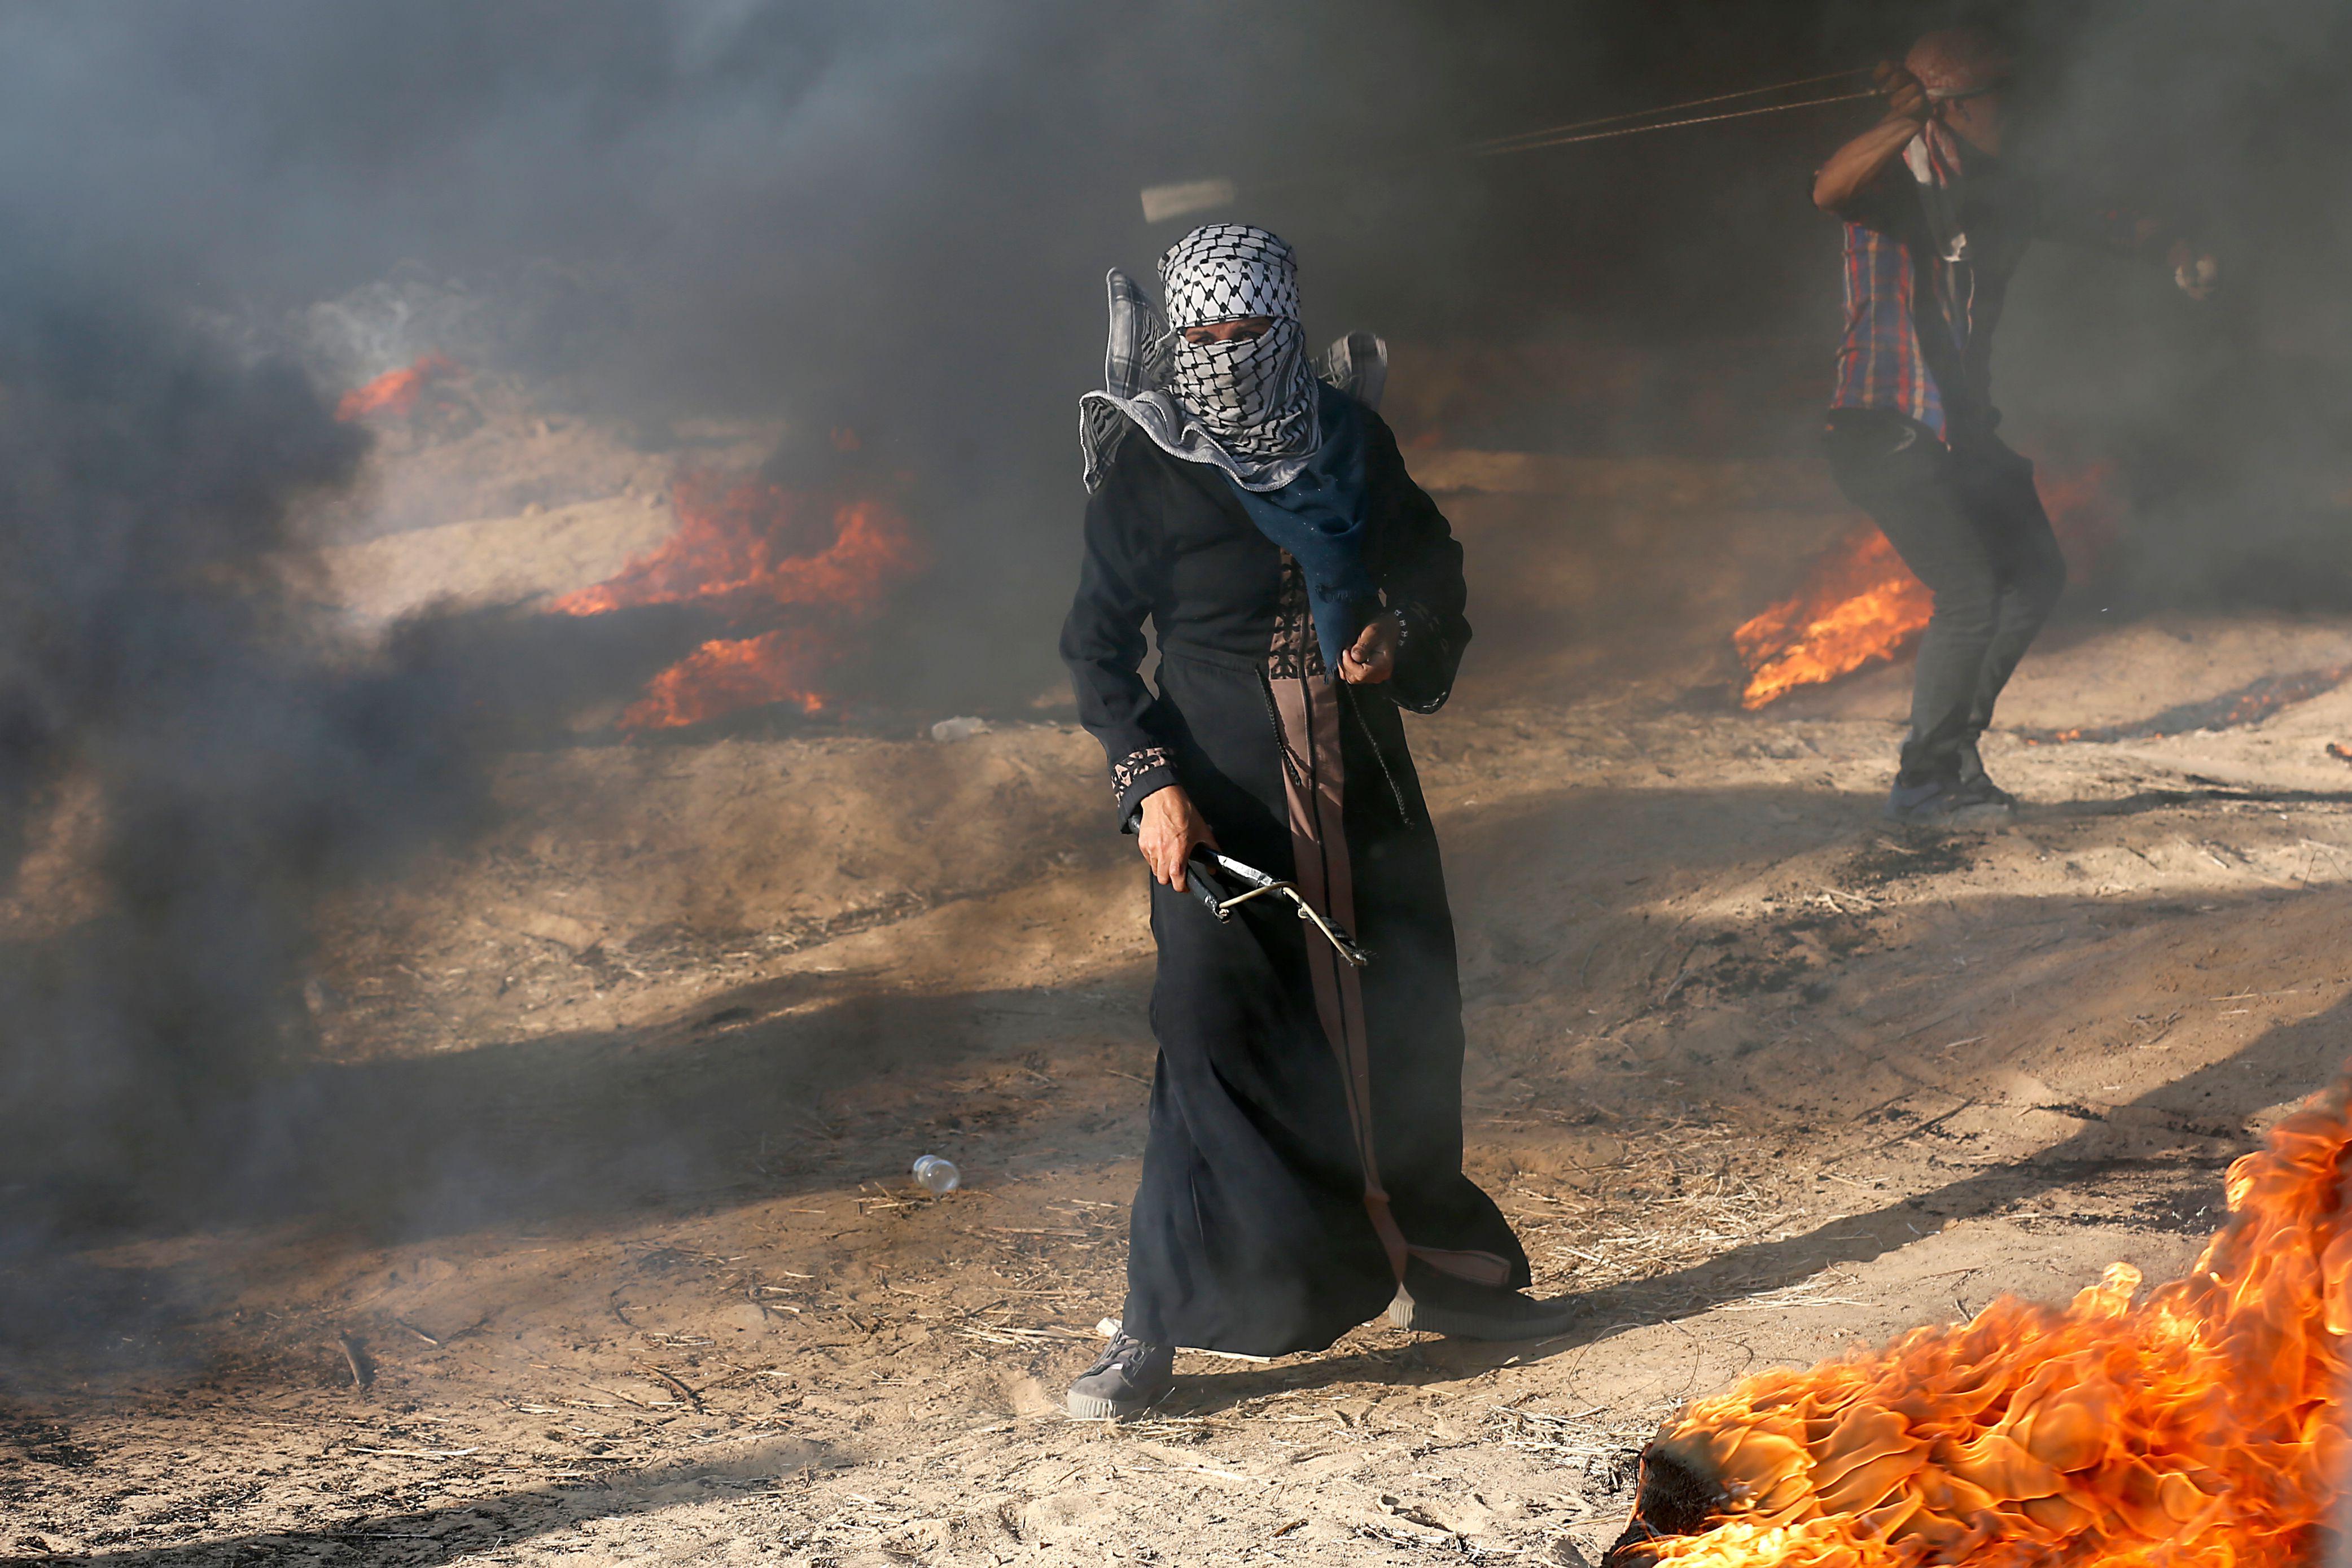 شبان الانتفاضة يشعلون إطارات السيارات قرب الحدود لتشويش الرؤية